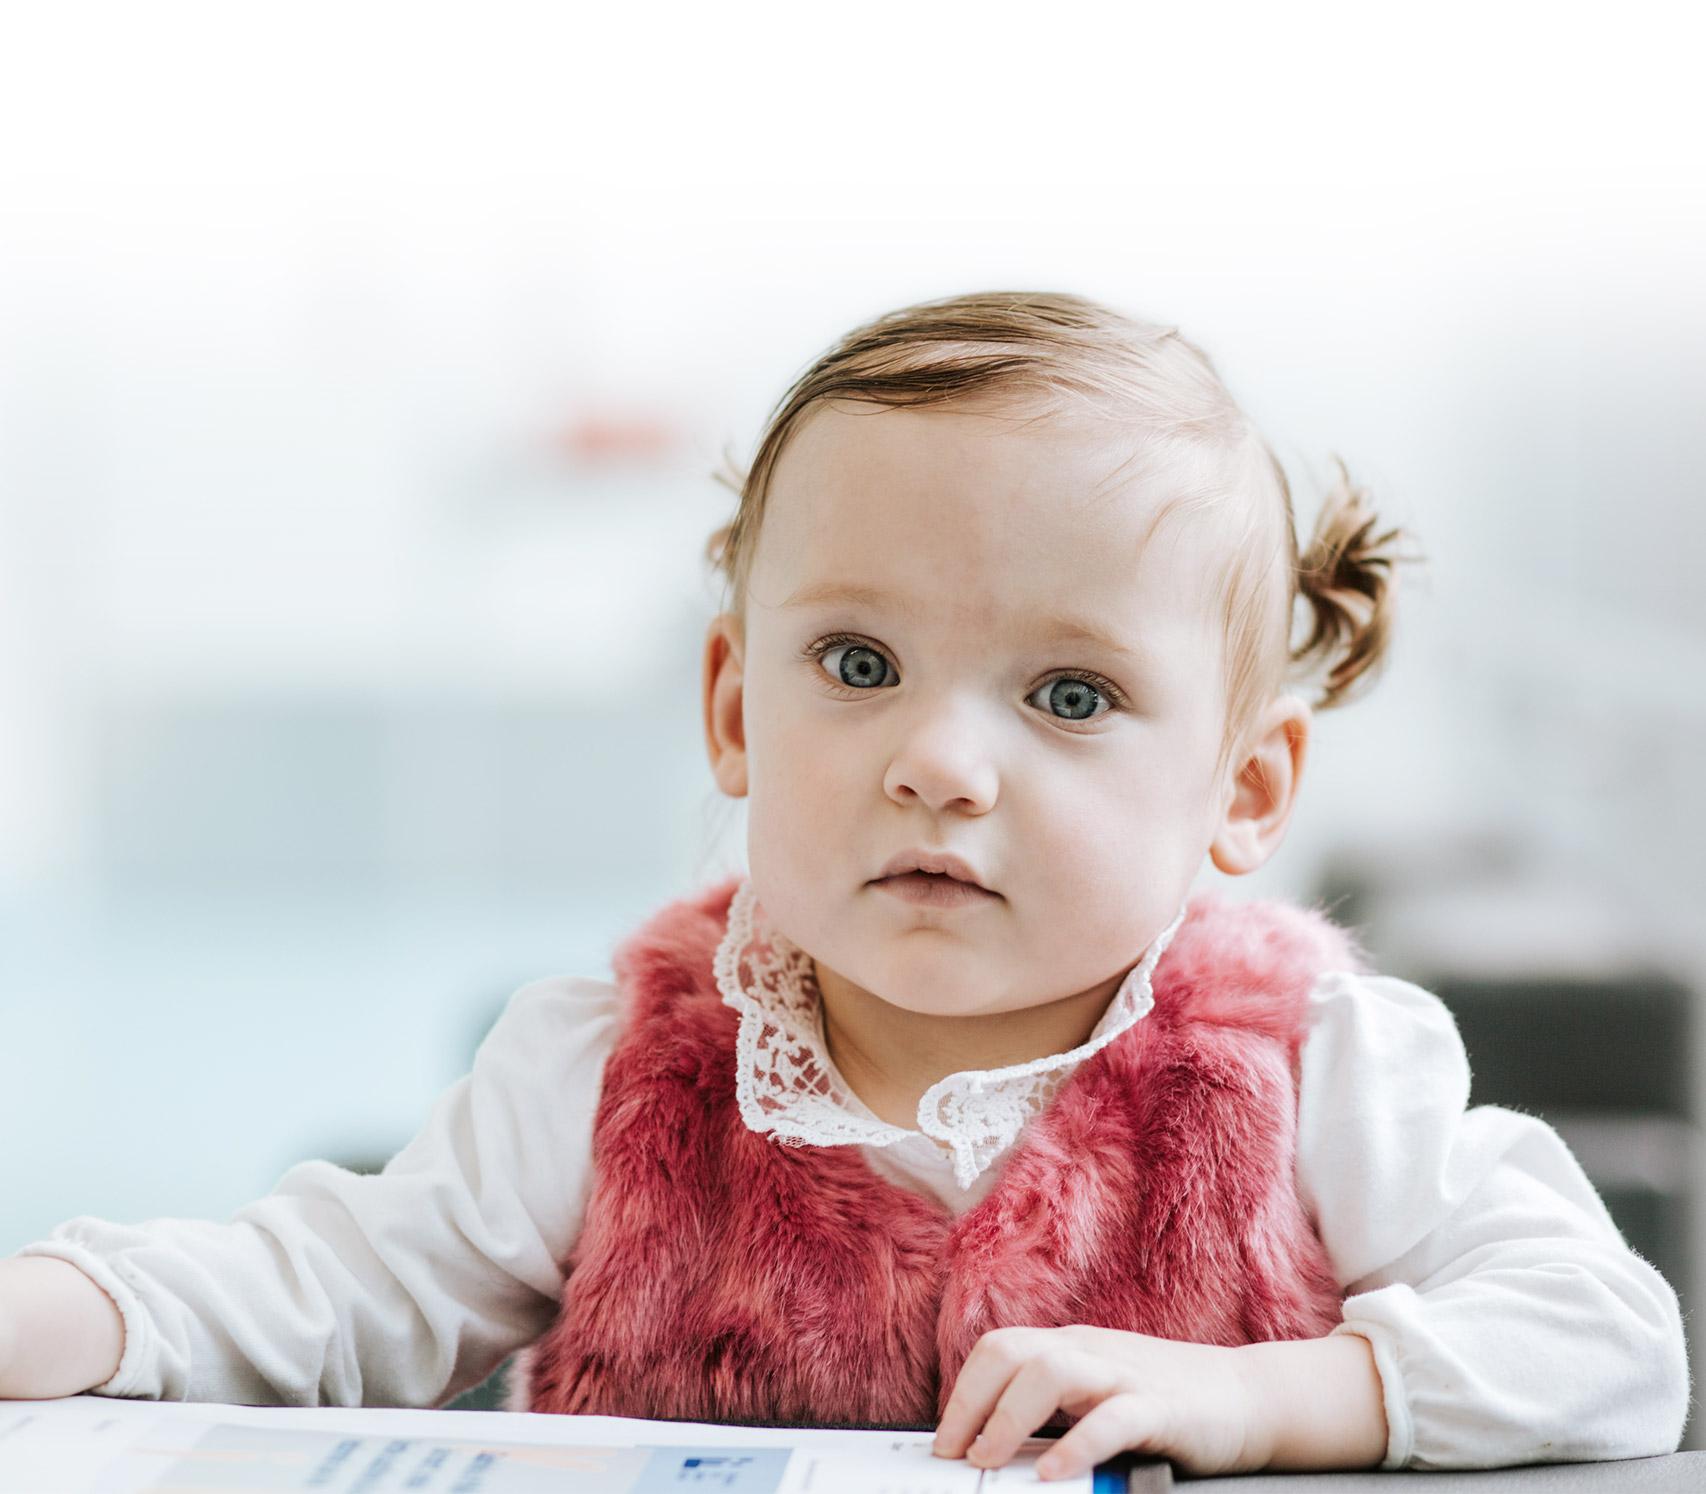 Olivia, une jeune patiente née prématurément à Sainte-Justine, pose fièrement, tout sourire.